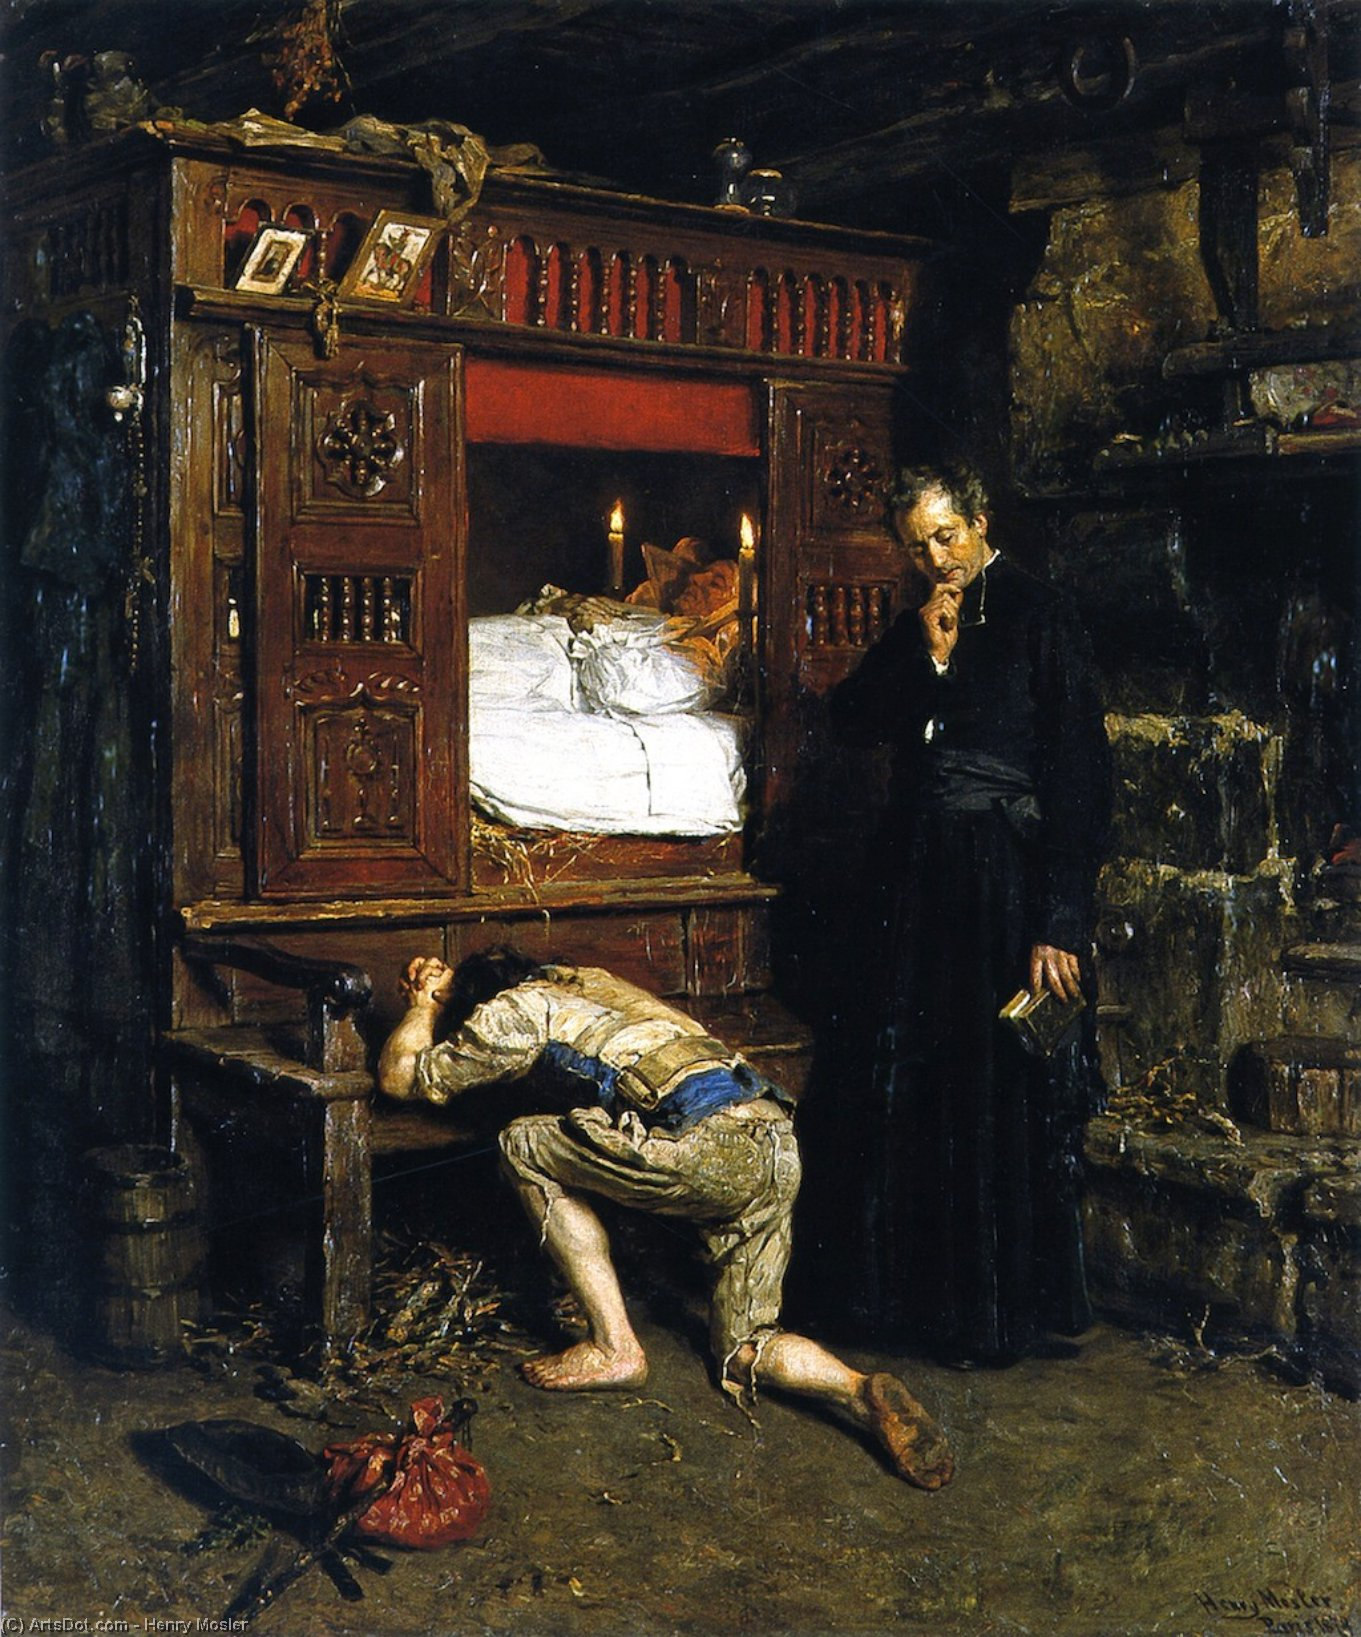 Возвращение блудного сына, 1879 по Henry Mosler (1841-1920, Poland) | Репродукции Произведений Искусства Henry Mosler | ArtsDot.com